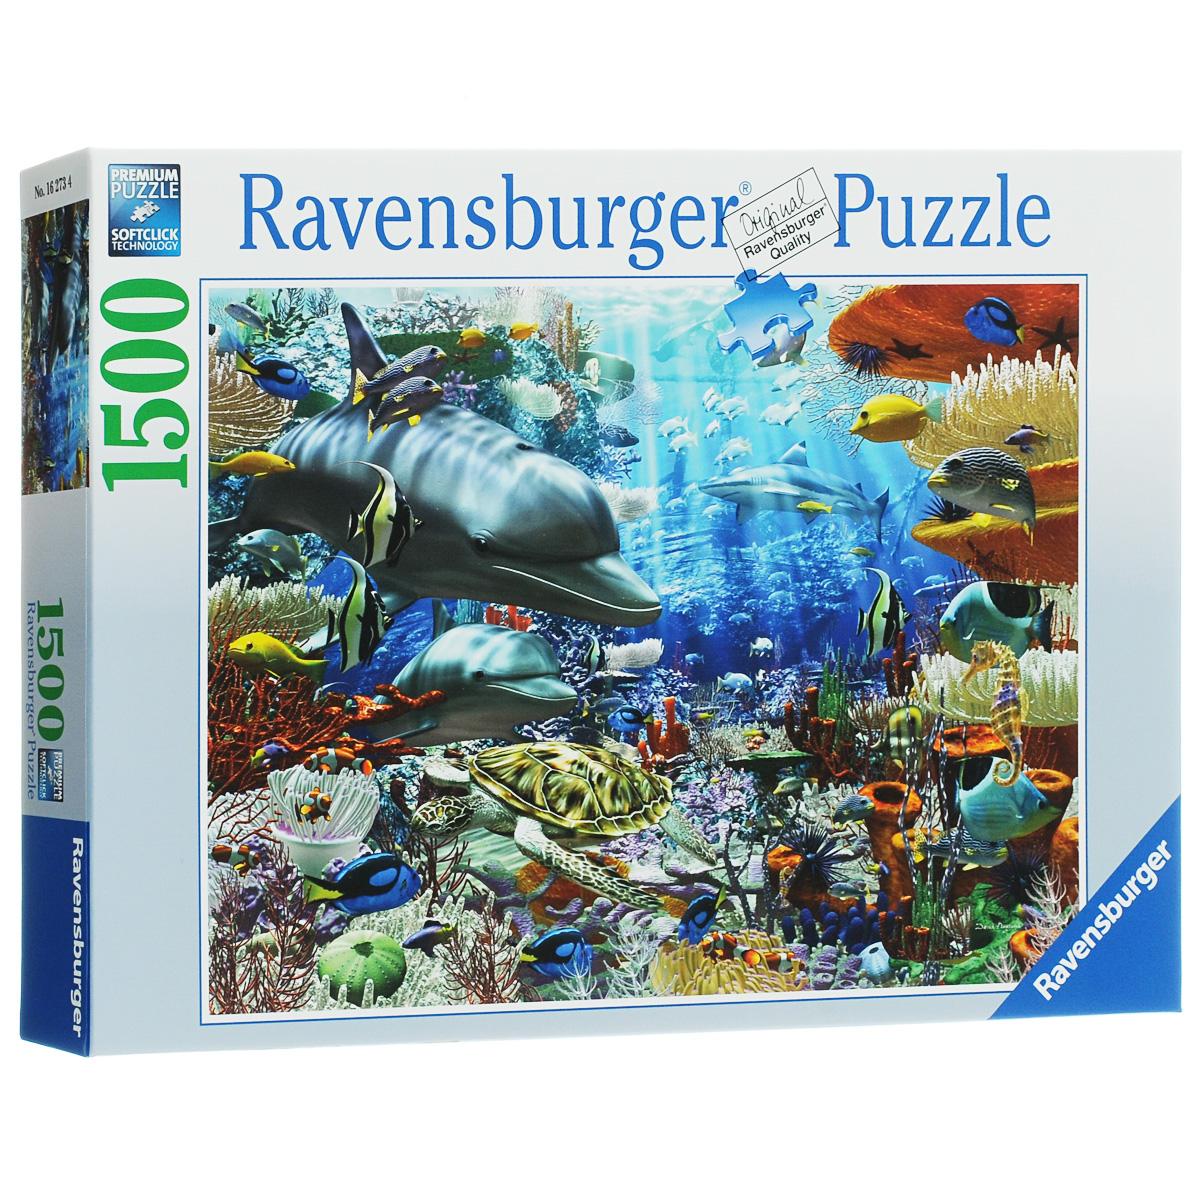 Ravensburger Подводный мир. Пазл, 1500 элементов16273Пазл Ravensburger Подводный мир, без сомнения, придется по душе вам и вашему ребенку. Собрав этот пазл, включающий в себя 1500 элементов, вы получите потрясающую картину с изображением обитателей подводного мира. Среди них дельфины, акулы, всевозможные рыбы и черепахи, а также кораллы и водоросли. Каждая деталь имеет свою форму и подходит только на своё место. Нет двух одинаковых деталей! Пазл изготовлен из картона высочайшего качества. Все изображения аккуратно отсканированы и напечатаны на ламинированной бумаге. Пазлы - прекрасное антистрессовое средство для взрослых и замечательная развивающая игра для детей. Собирание пазла развивает у ребенка мелкую моторику рук, тренирует наблюдательность, логическое мышление, знакомит с окружающим миром, с цветом и разнообразными формами, учит усидчивости и терпению, аккуратности и вниманию. Собирание пазла - прекрасное времяпрепровождение для всей семьи.